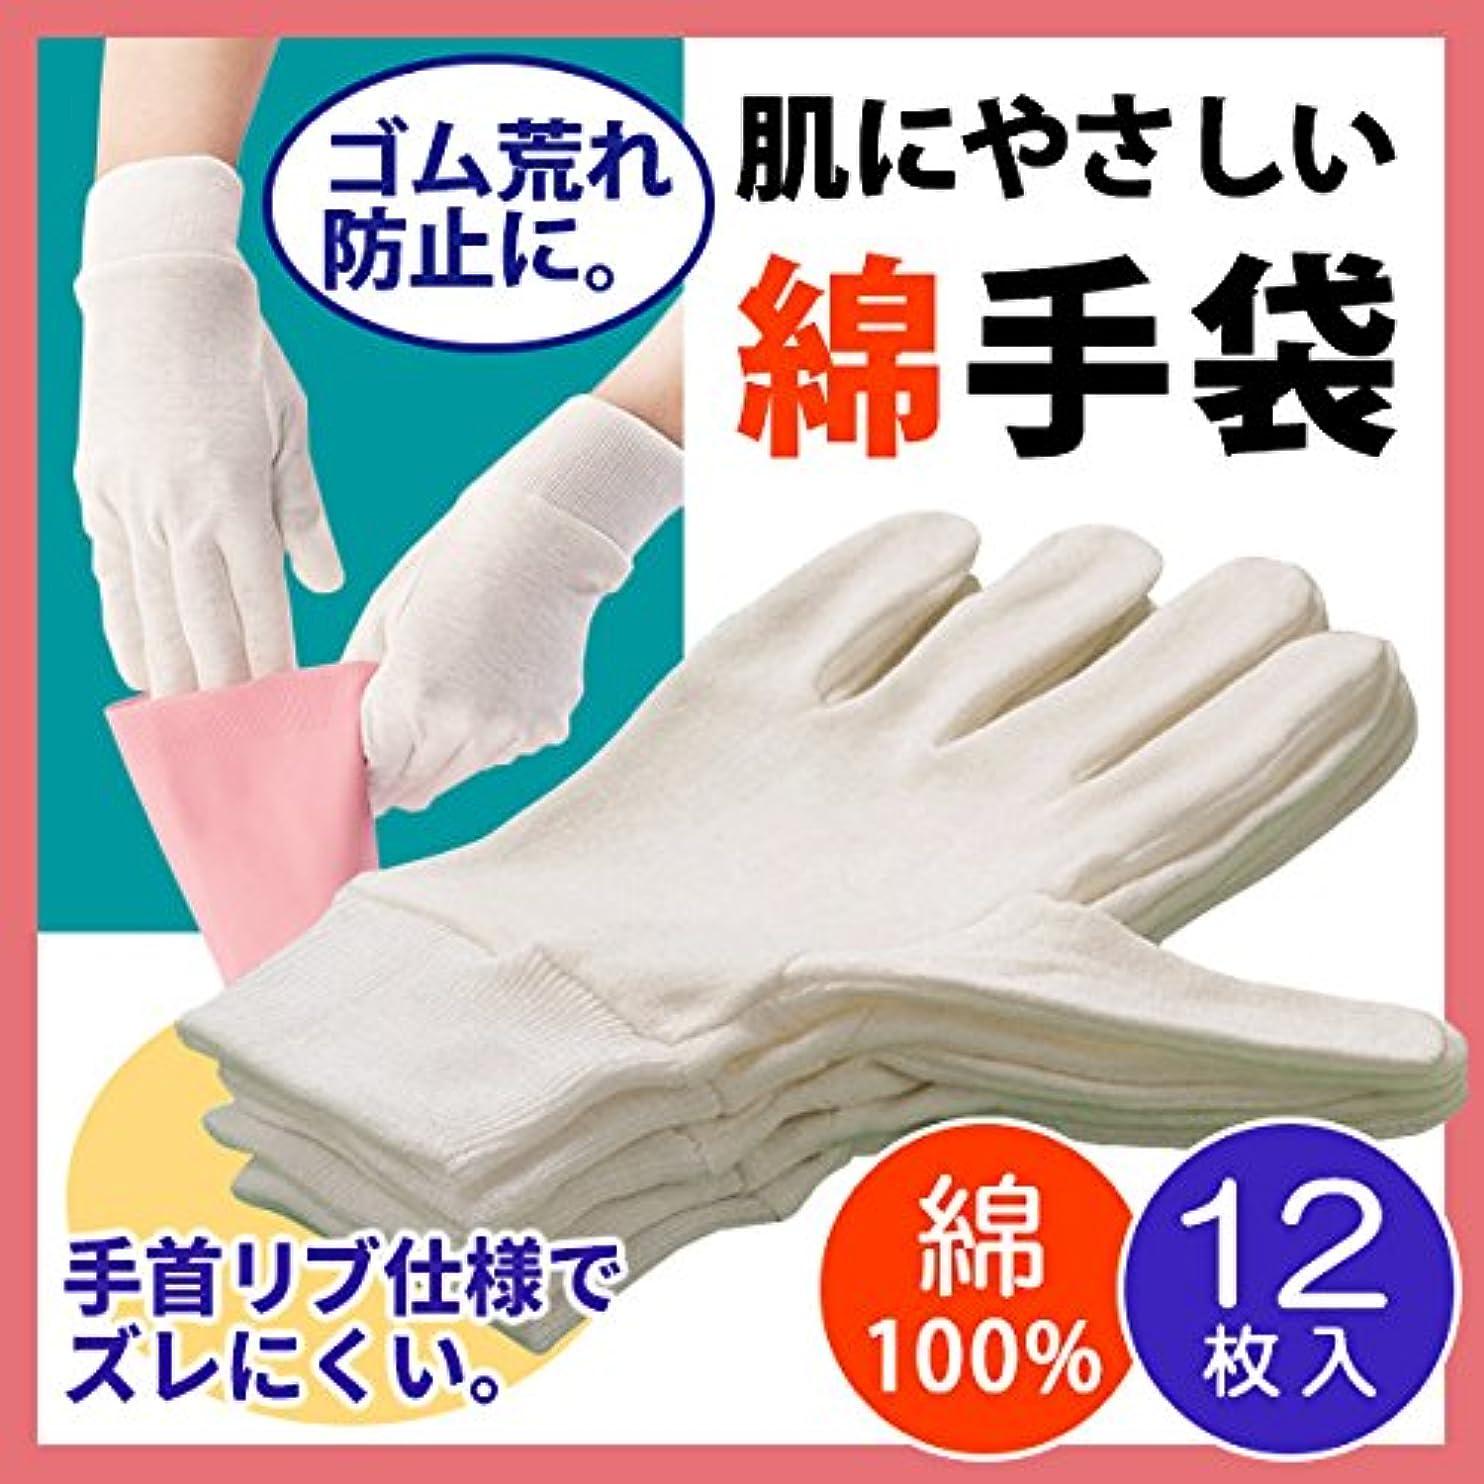 り欺借りる【女性用】肌にやさしいコットン手袋 12枚入り